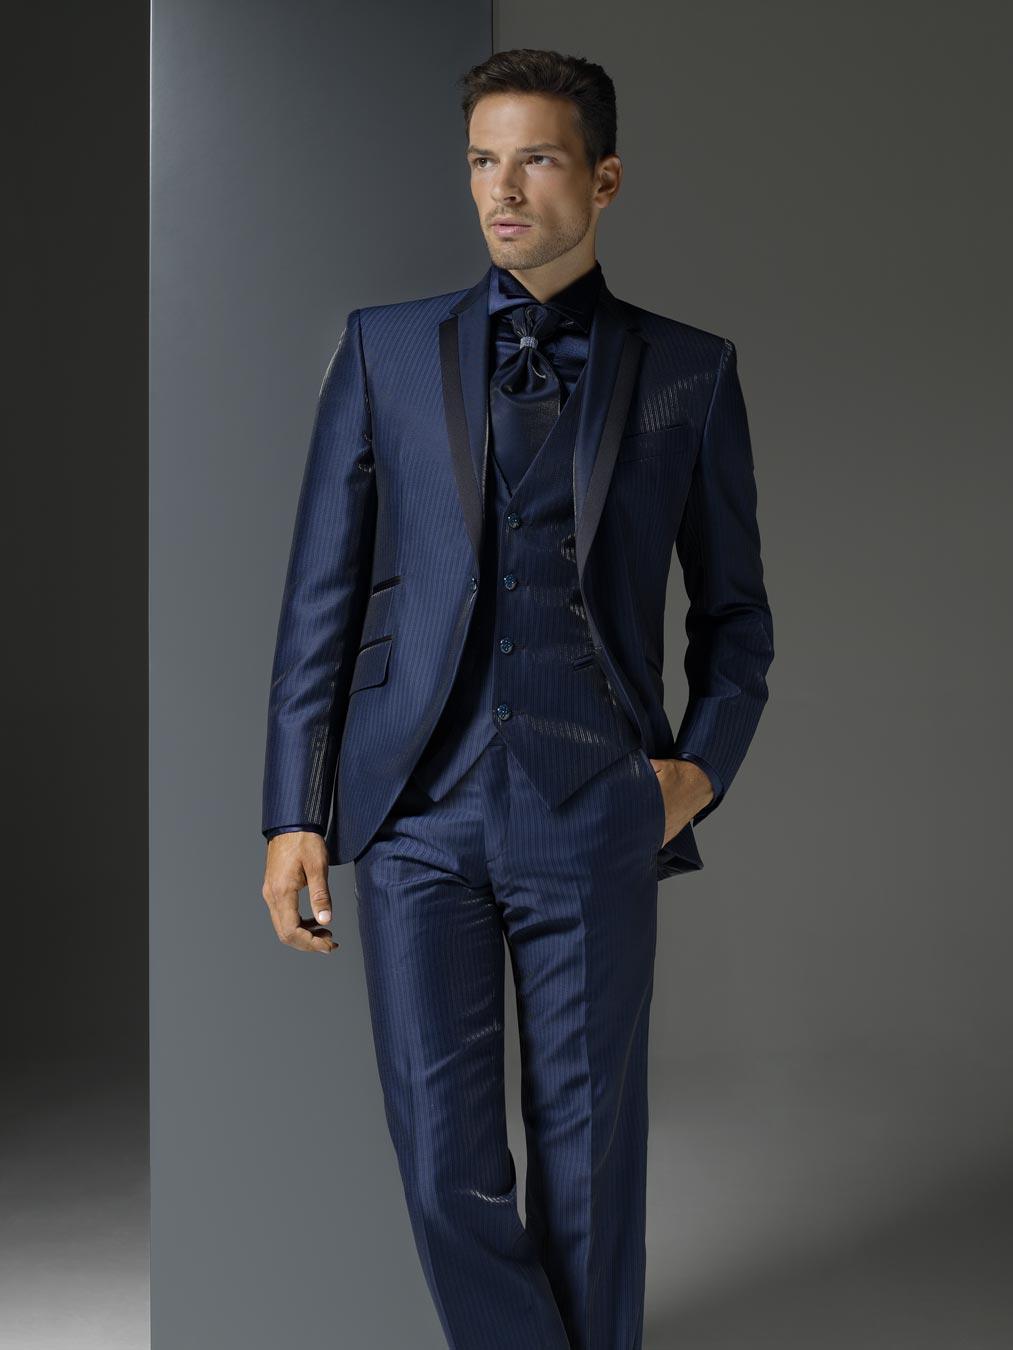 Vestito Matrimonio Uomo Nero : Vestito da sposa uomo migliore collezione inspiration